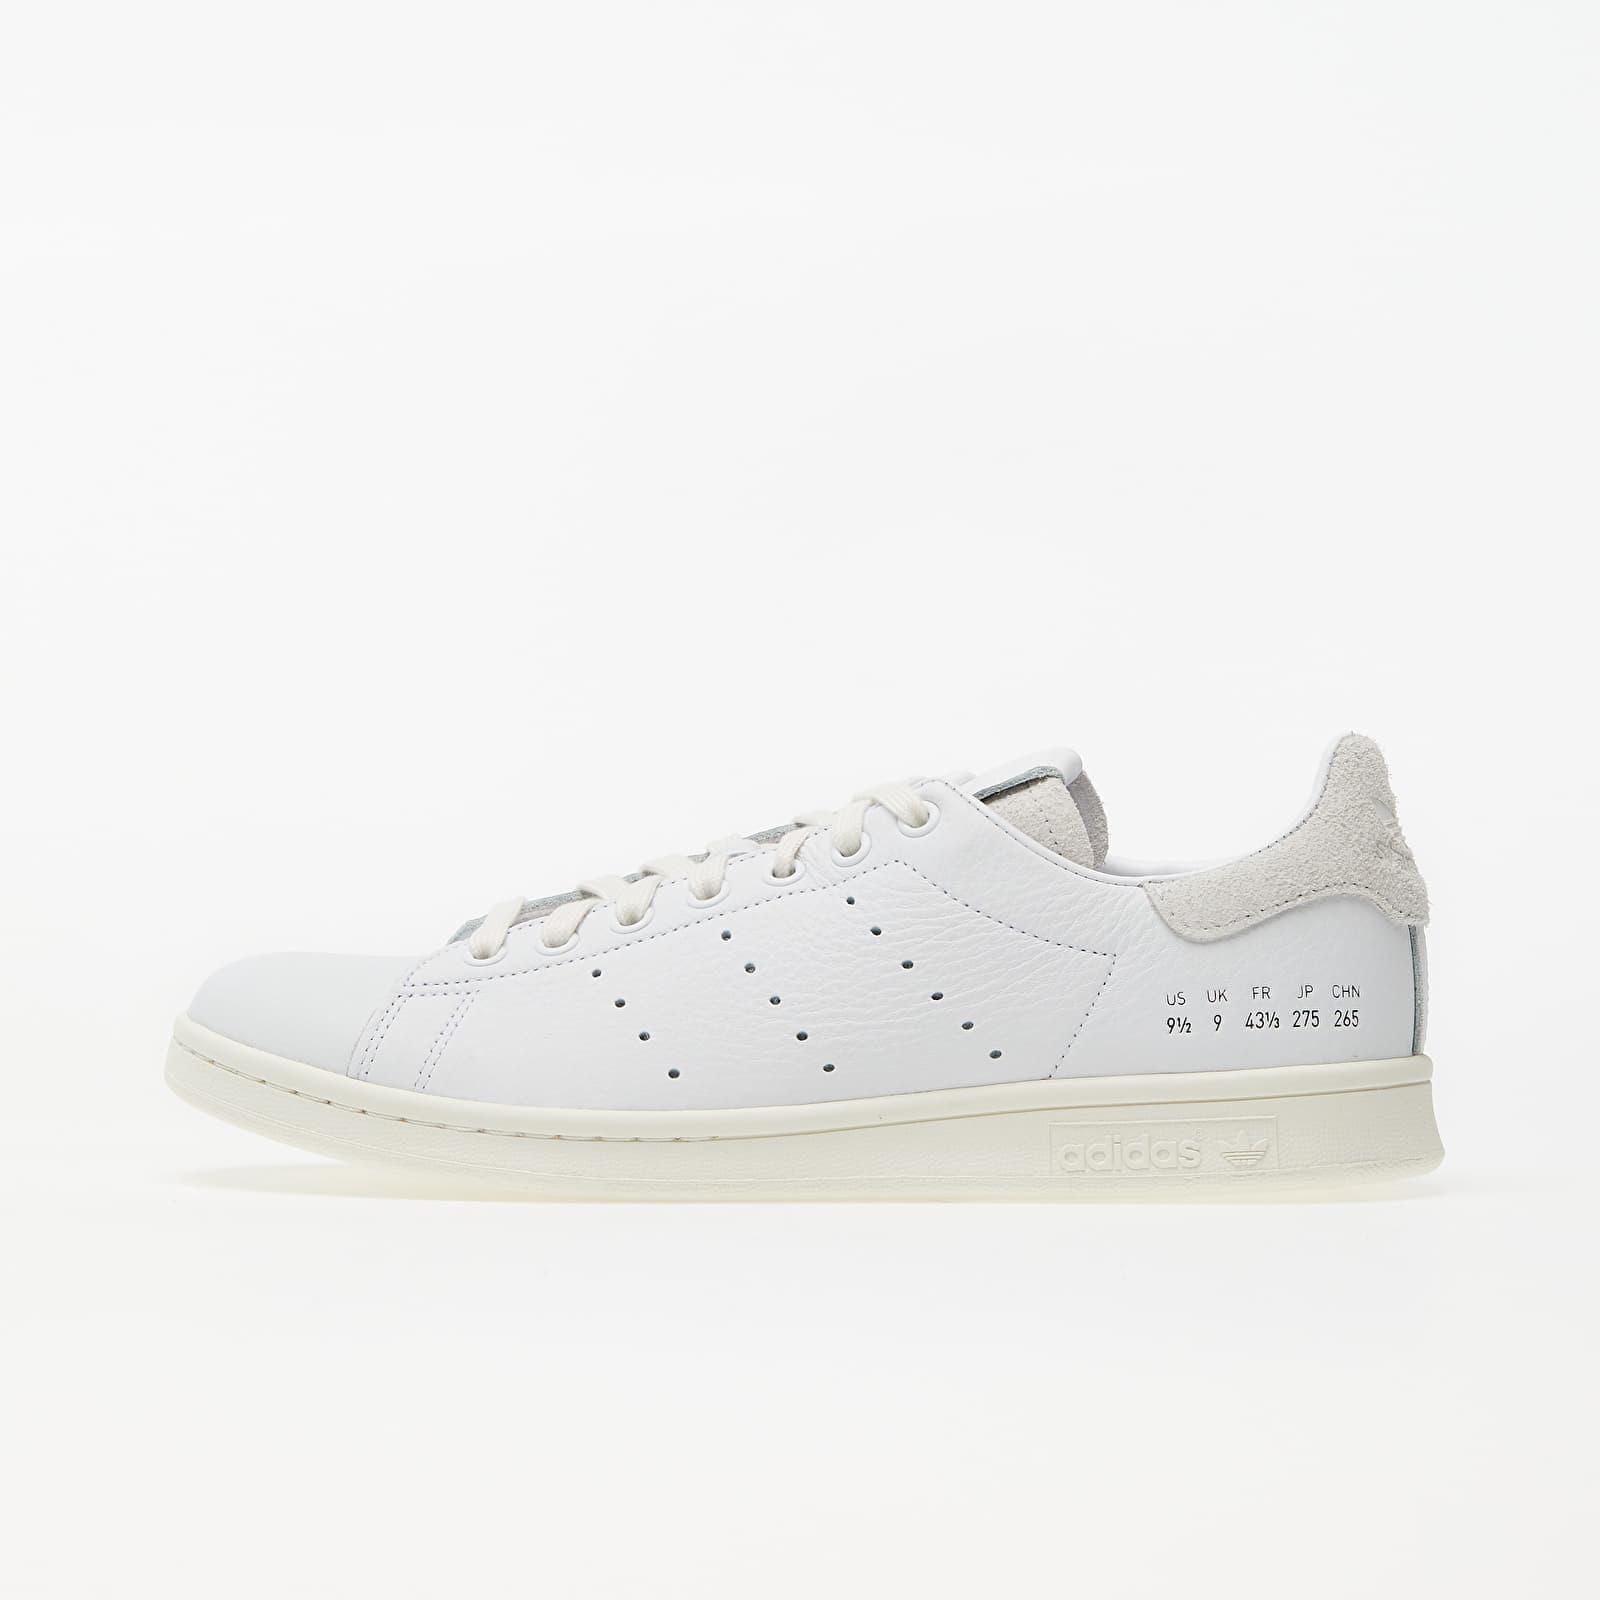 adidas Stan Smith Ftw White/ Crystal White/ Off White FY0040